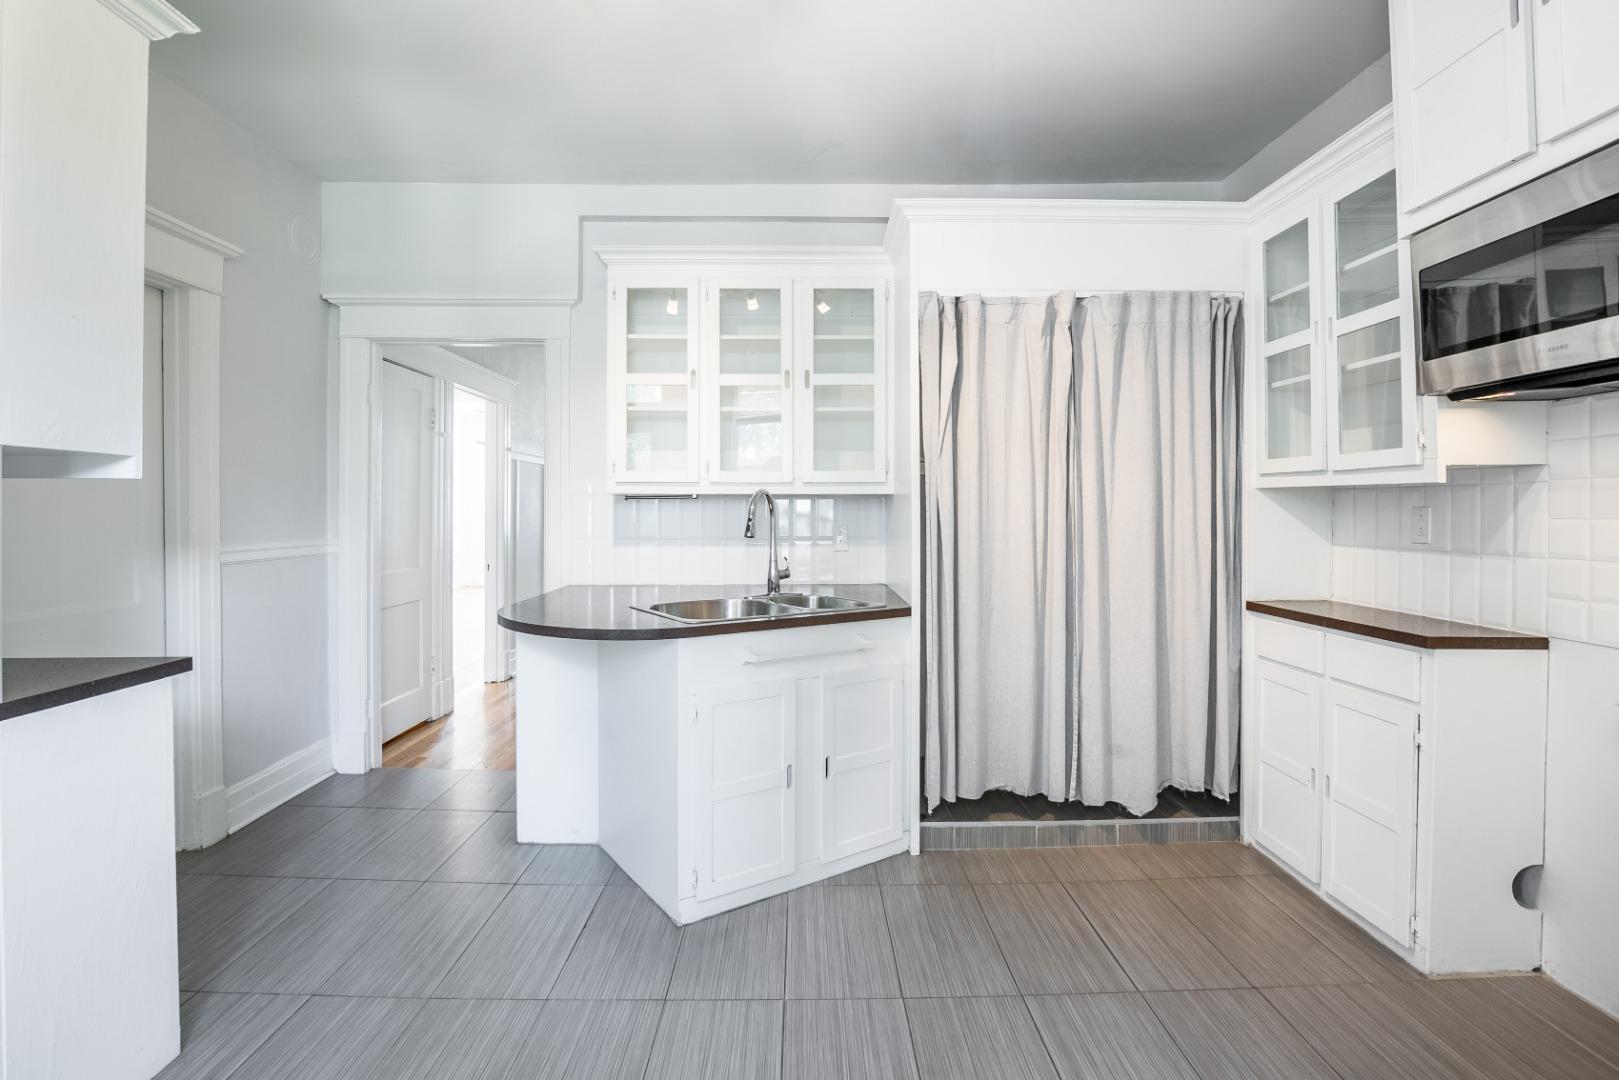 Appartement à louer Rosemont - 6403, rue de Bordeaux 14